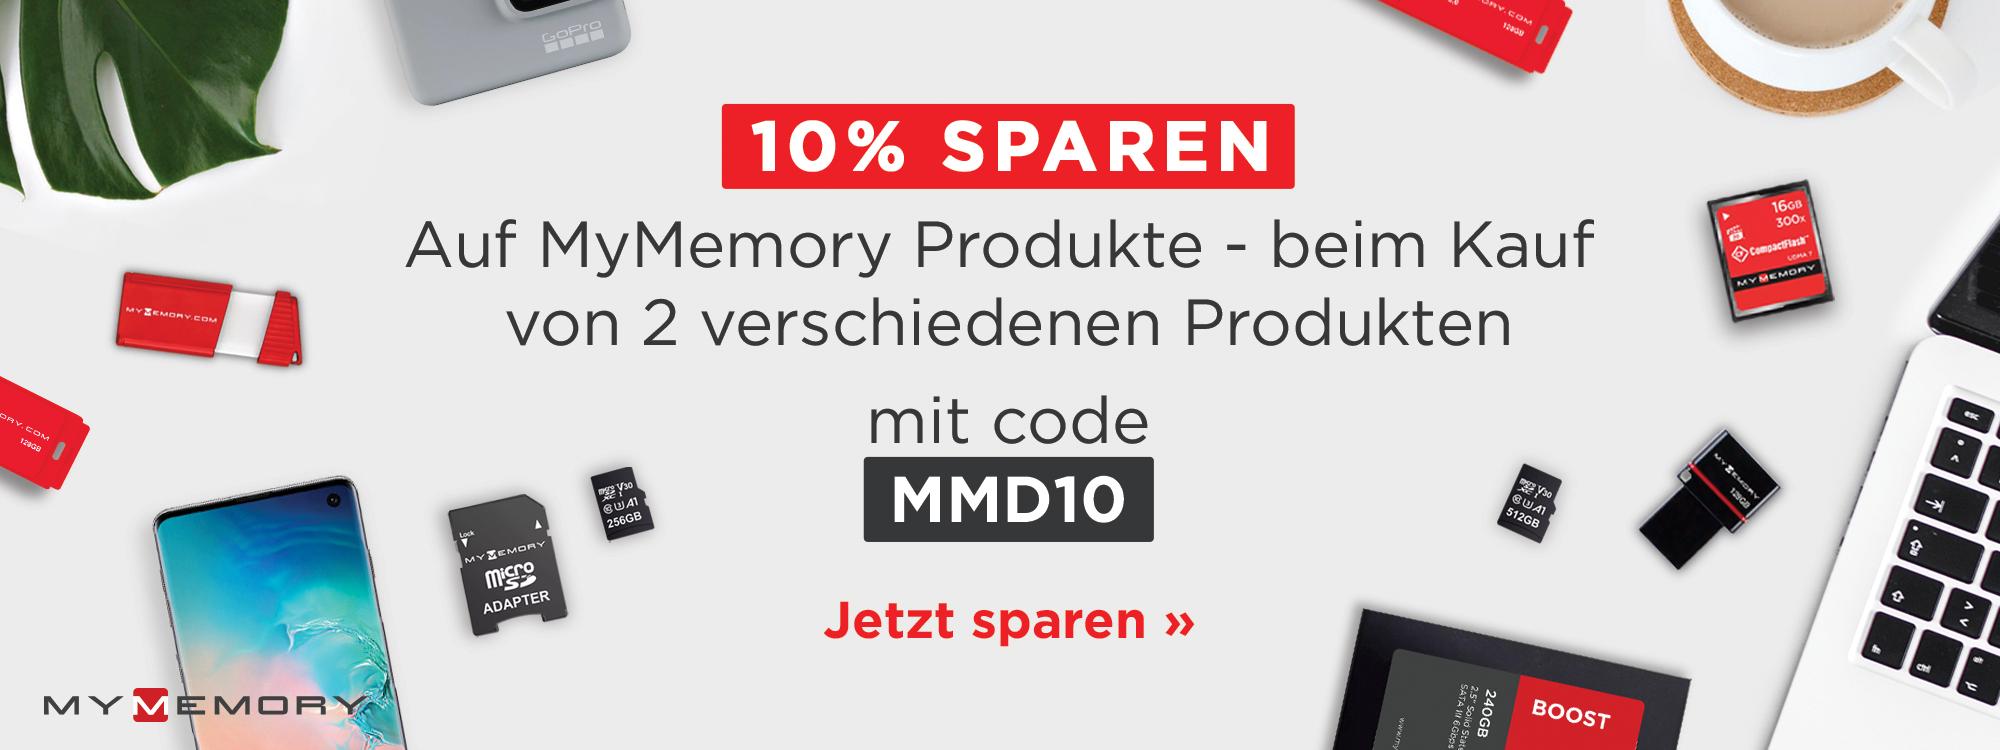 Kaufen Sie 2 verschiedene MyMemory-Markenprodukte. Sparen Sie 10% mit dem Code MMD10